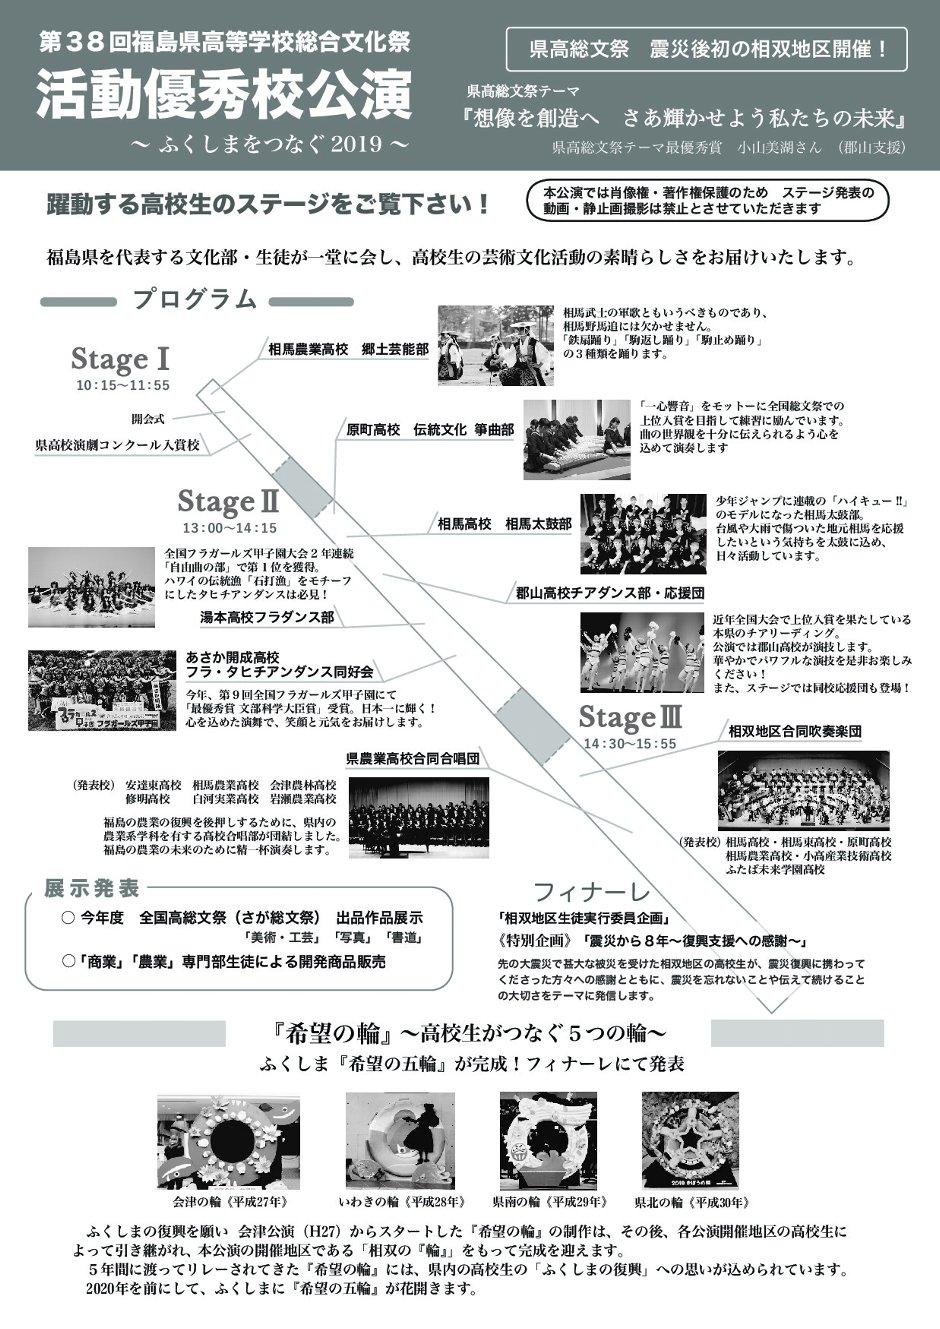 2019.12.15第38回福島県高等学校総合文化祭活動優秀校公演